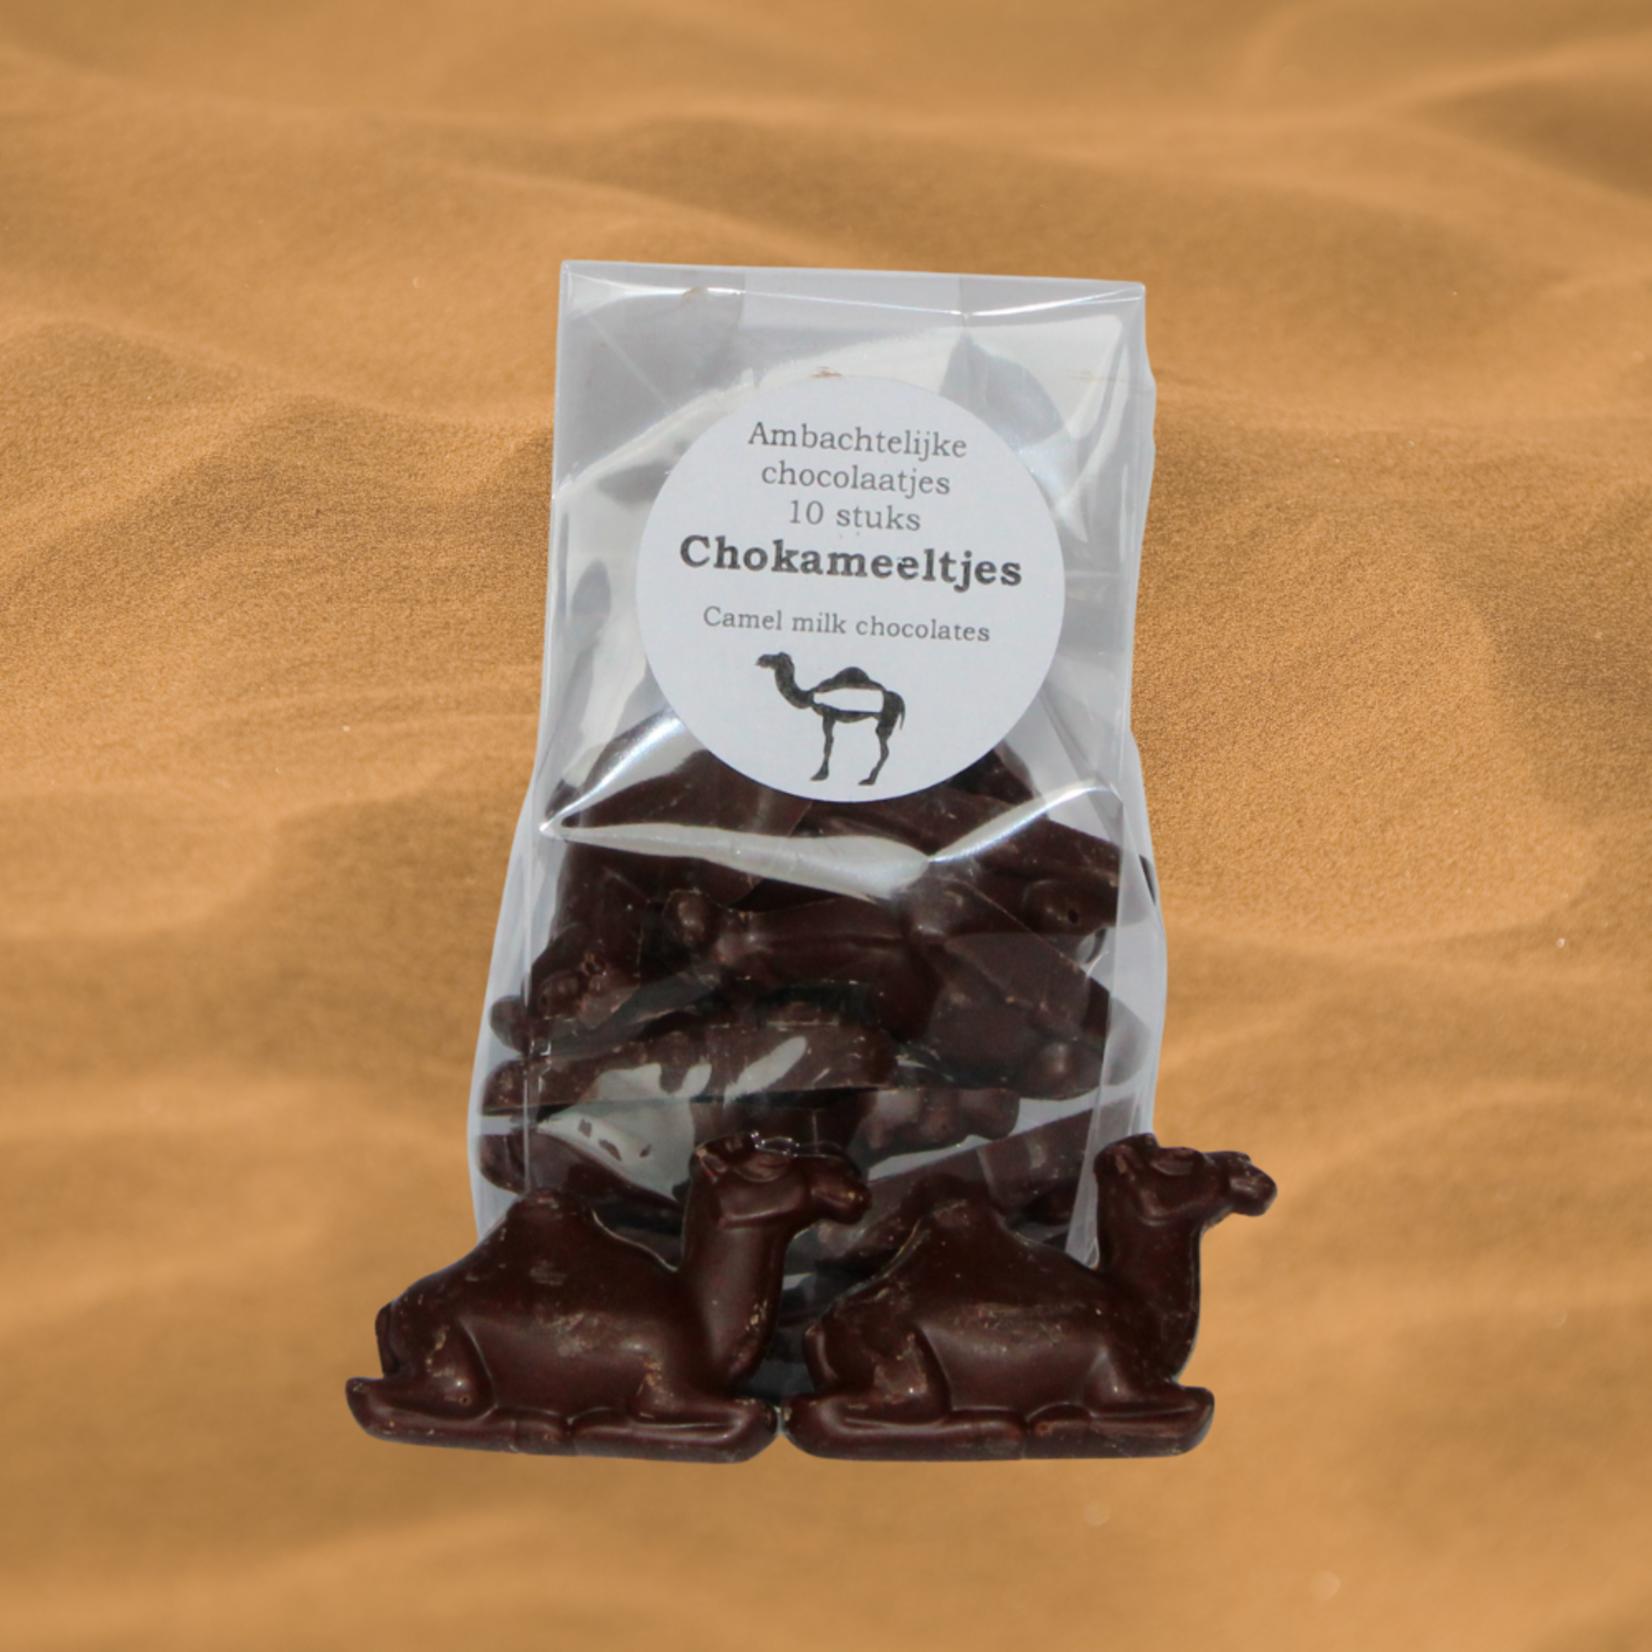 Dutch Oasis ChoKamele - Schokolade mit Kamelmilch, in der Form eines Kamels